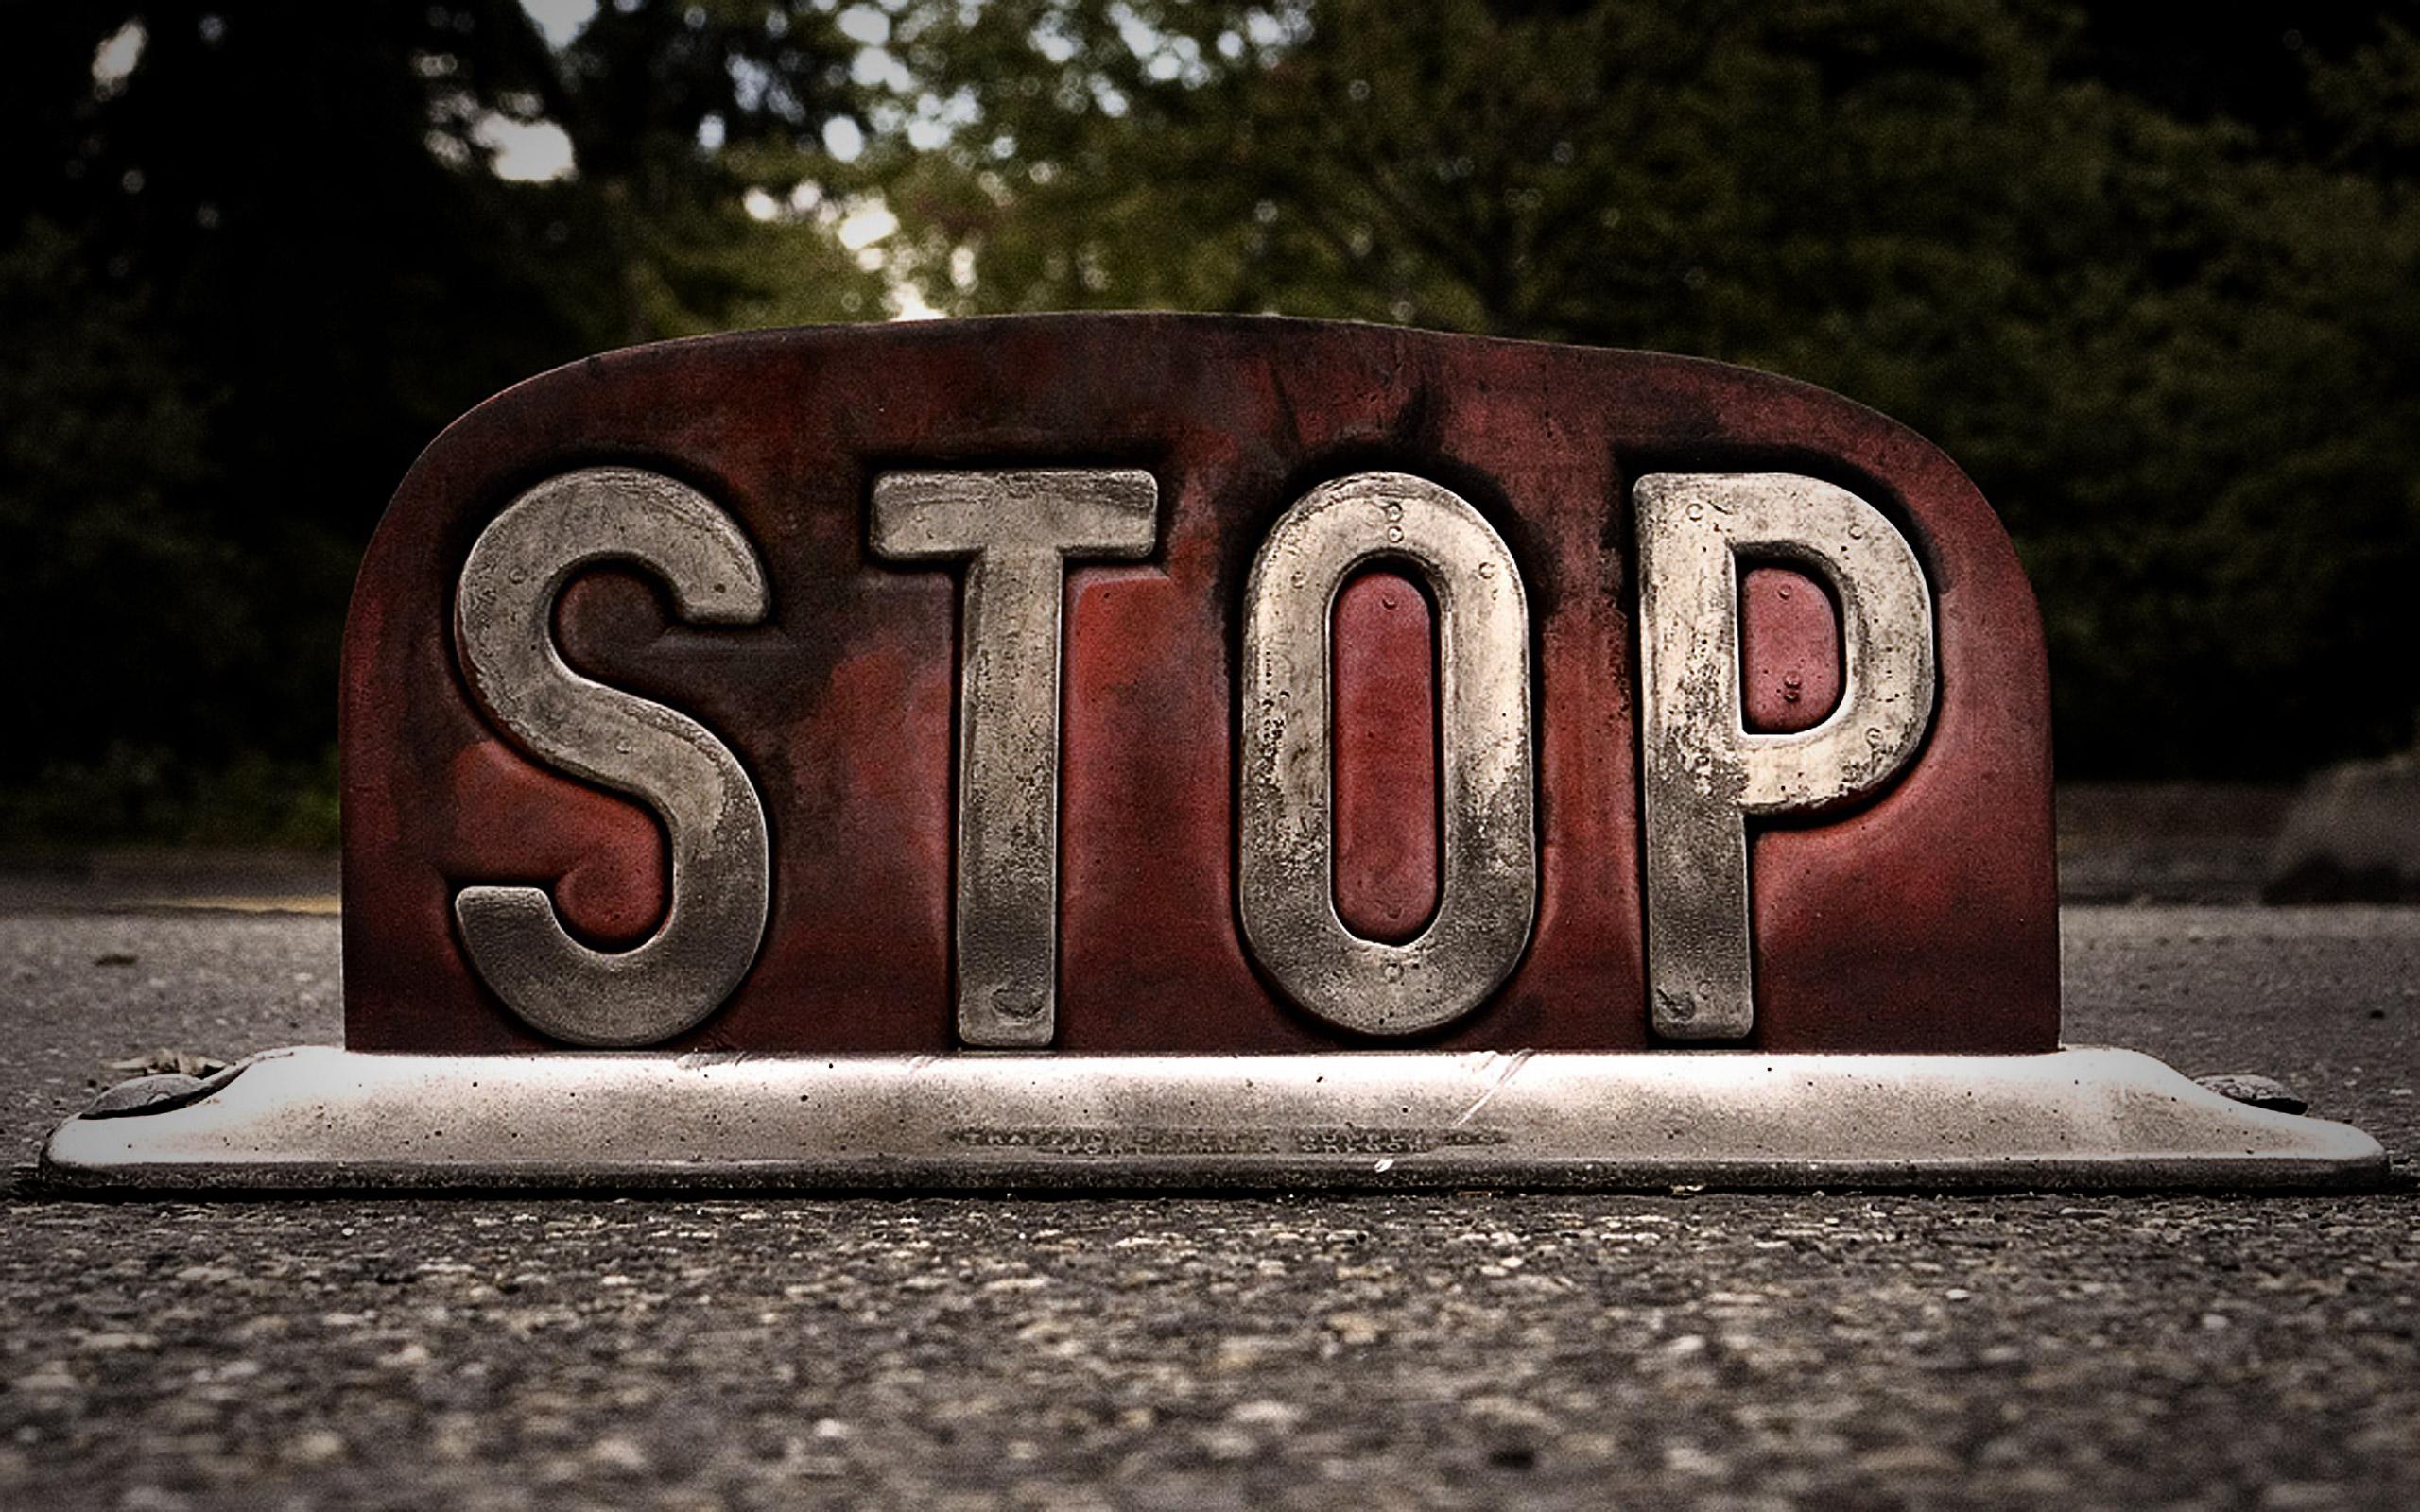 Stop Untuk Membeli Follower Sosial Media, Mengapa?